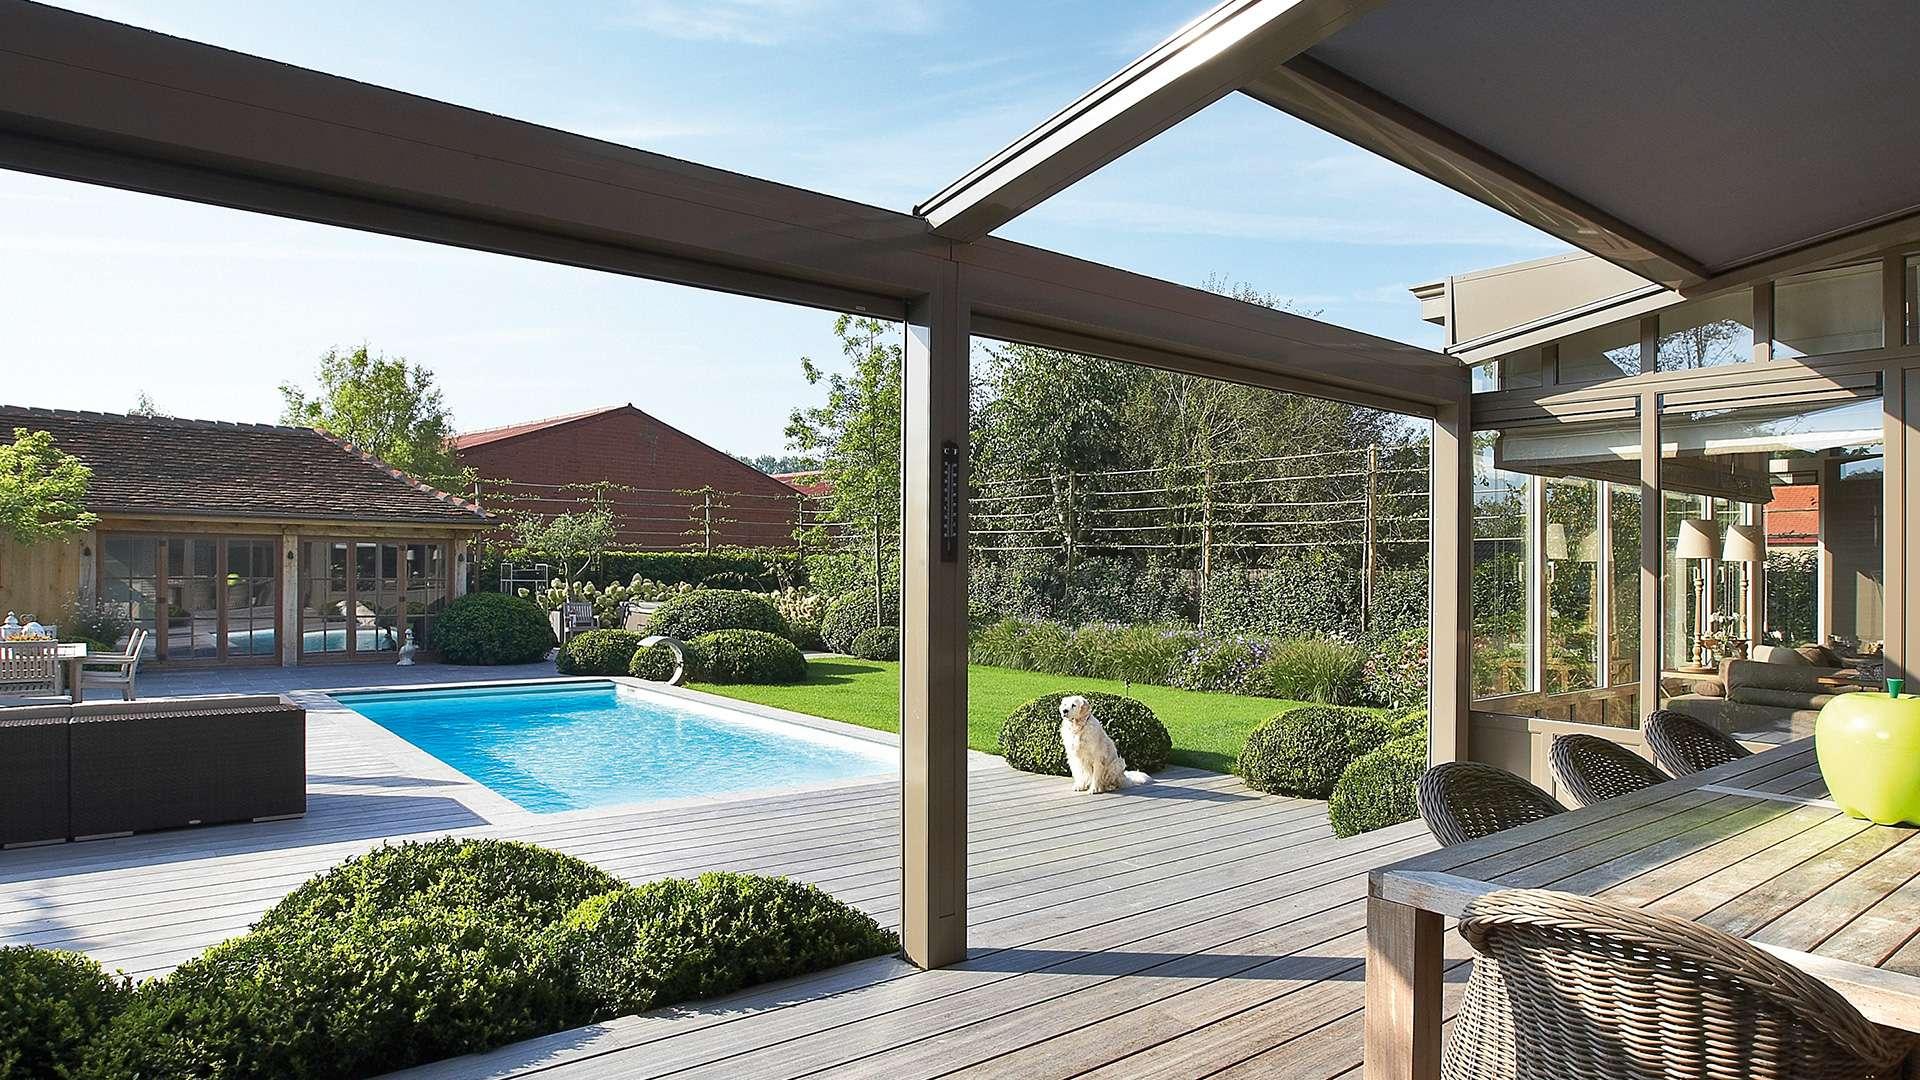 Innenansicht einer Terrassenüberdachung mit Blick auf einen Pool